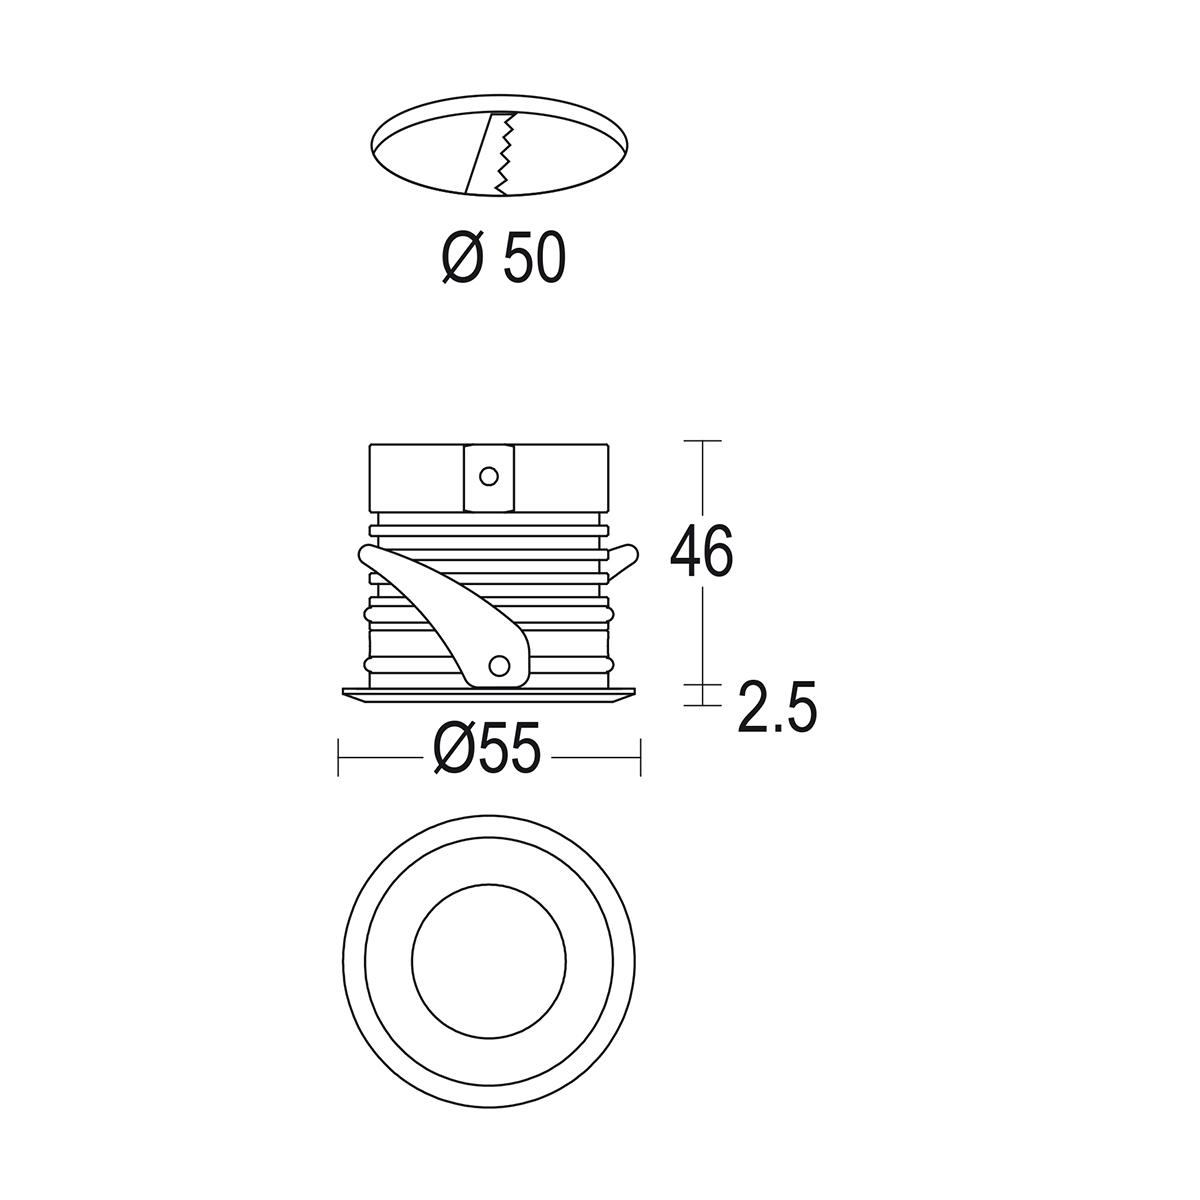 чертеж Maxisegno 55 Ghidini уличный светильник GH1065.BGMT300EC